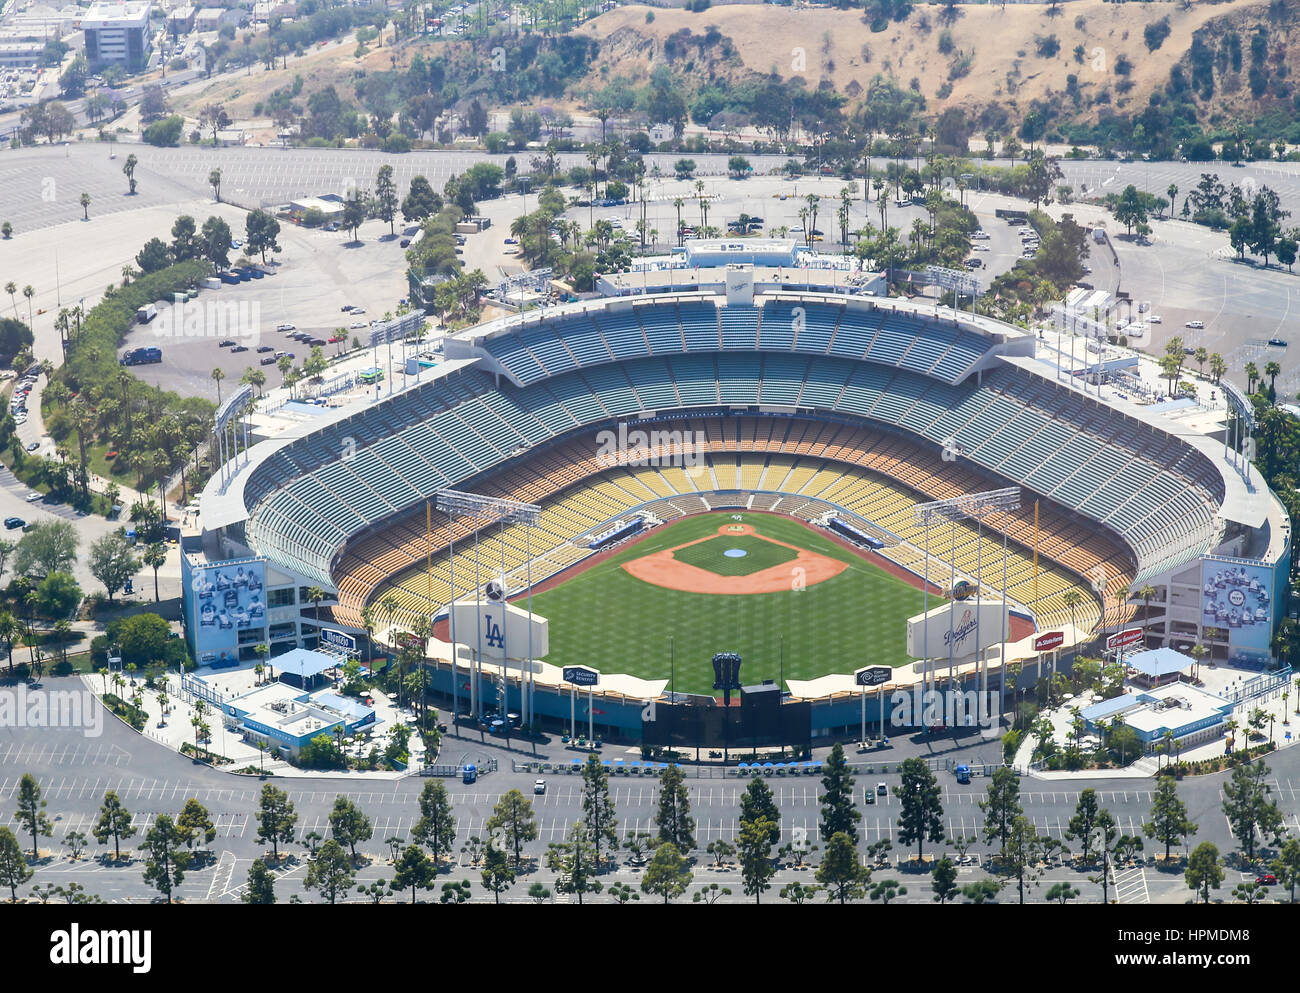 Los Angeles, USA - 27. Mai 2015: Luftaufnahme des Dodger Stadium in Elysian Park. Das Stadion und den Ständen Stockbild